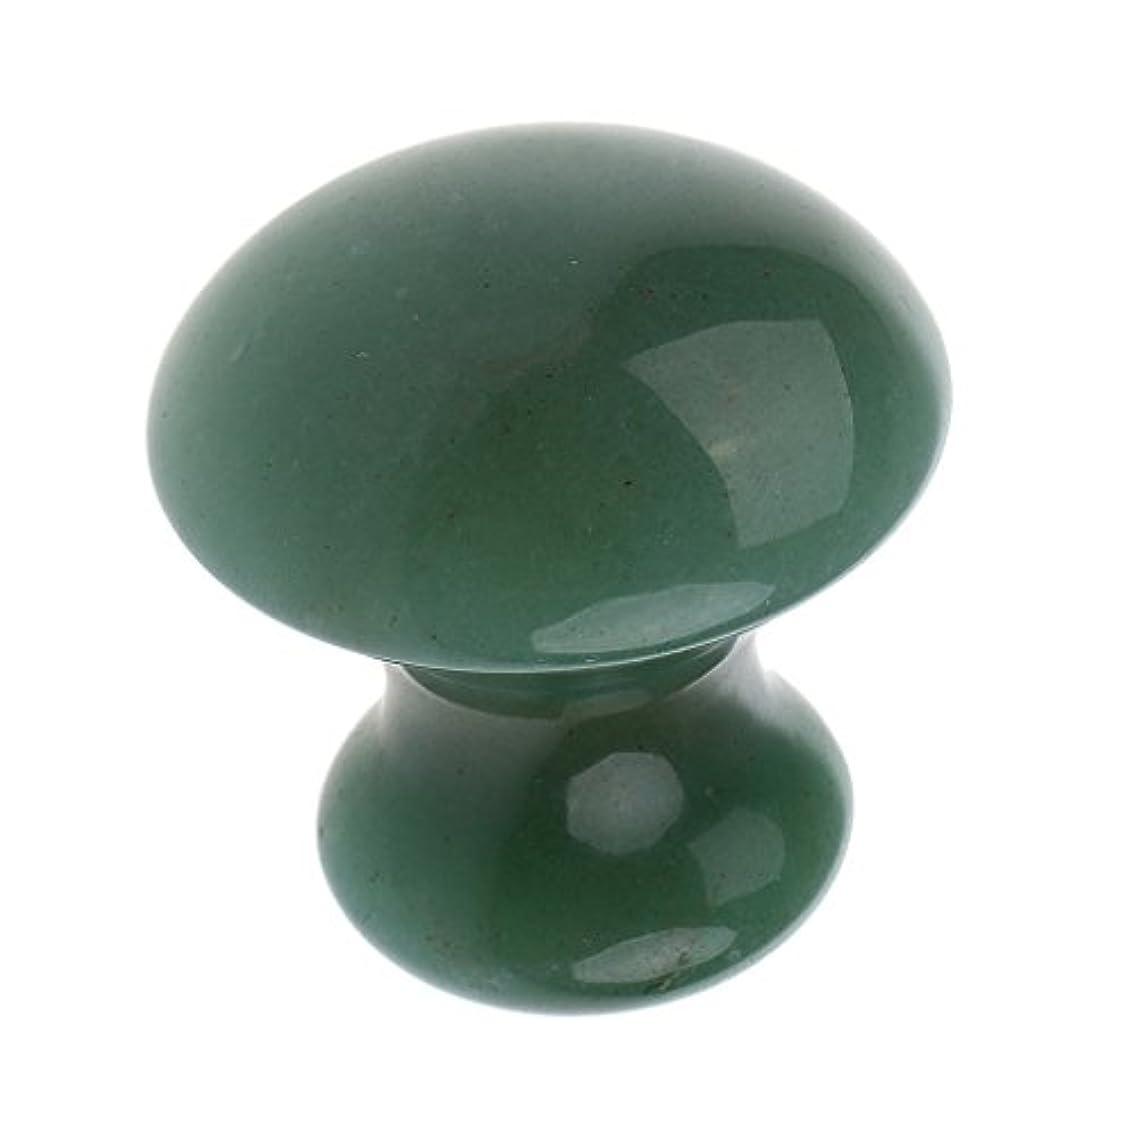 事務所東好みマッサージストーン マッシュルーム スパ SPA ストーン スキンケア リラックス 2色選べる - 緑